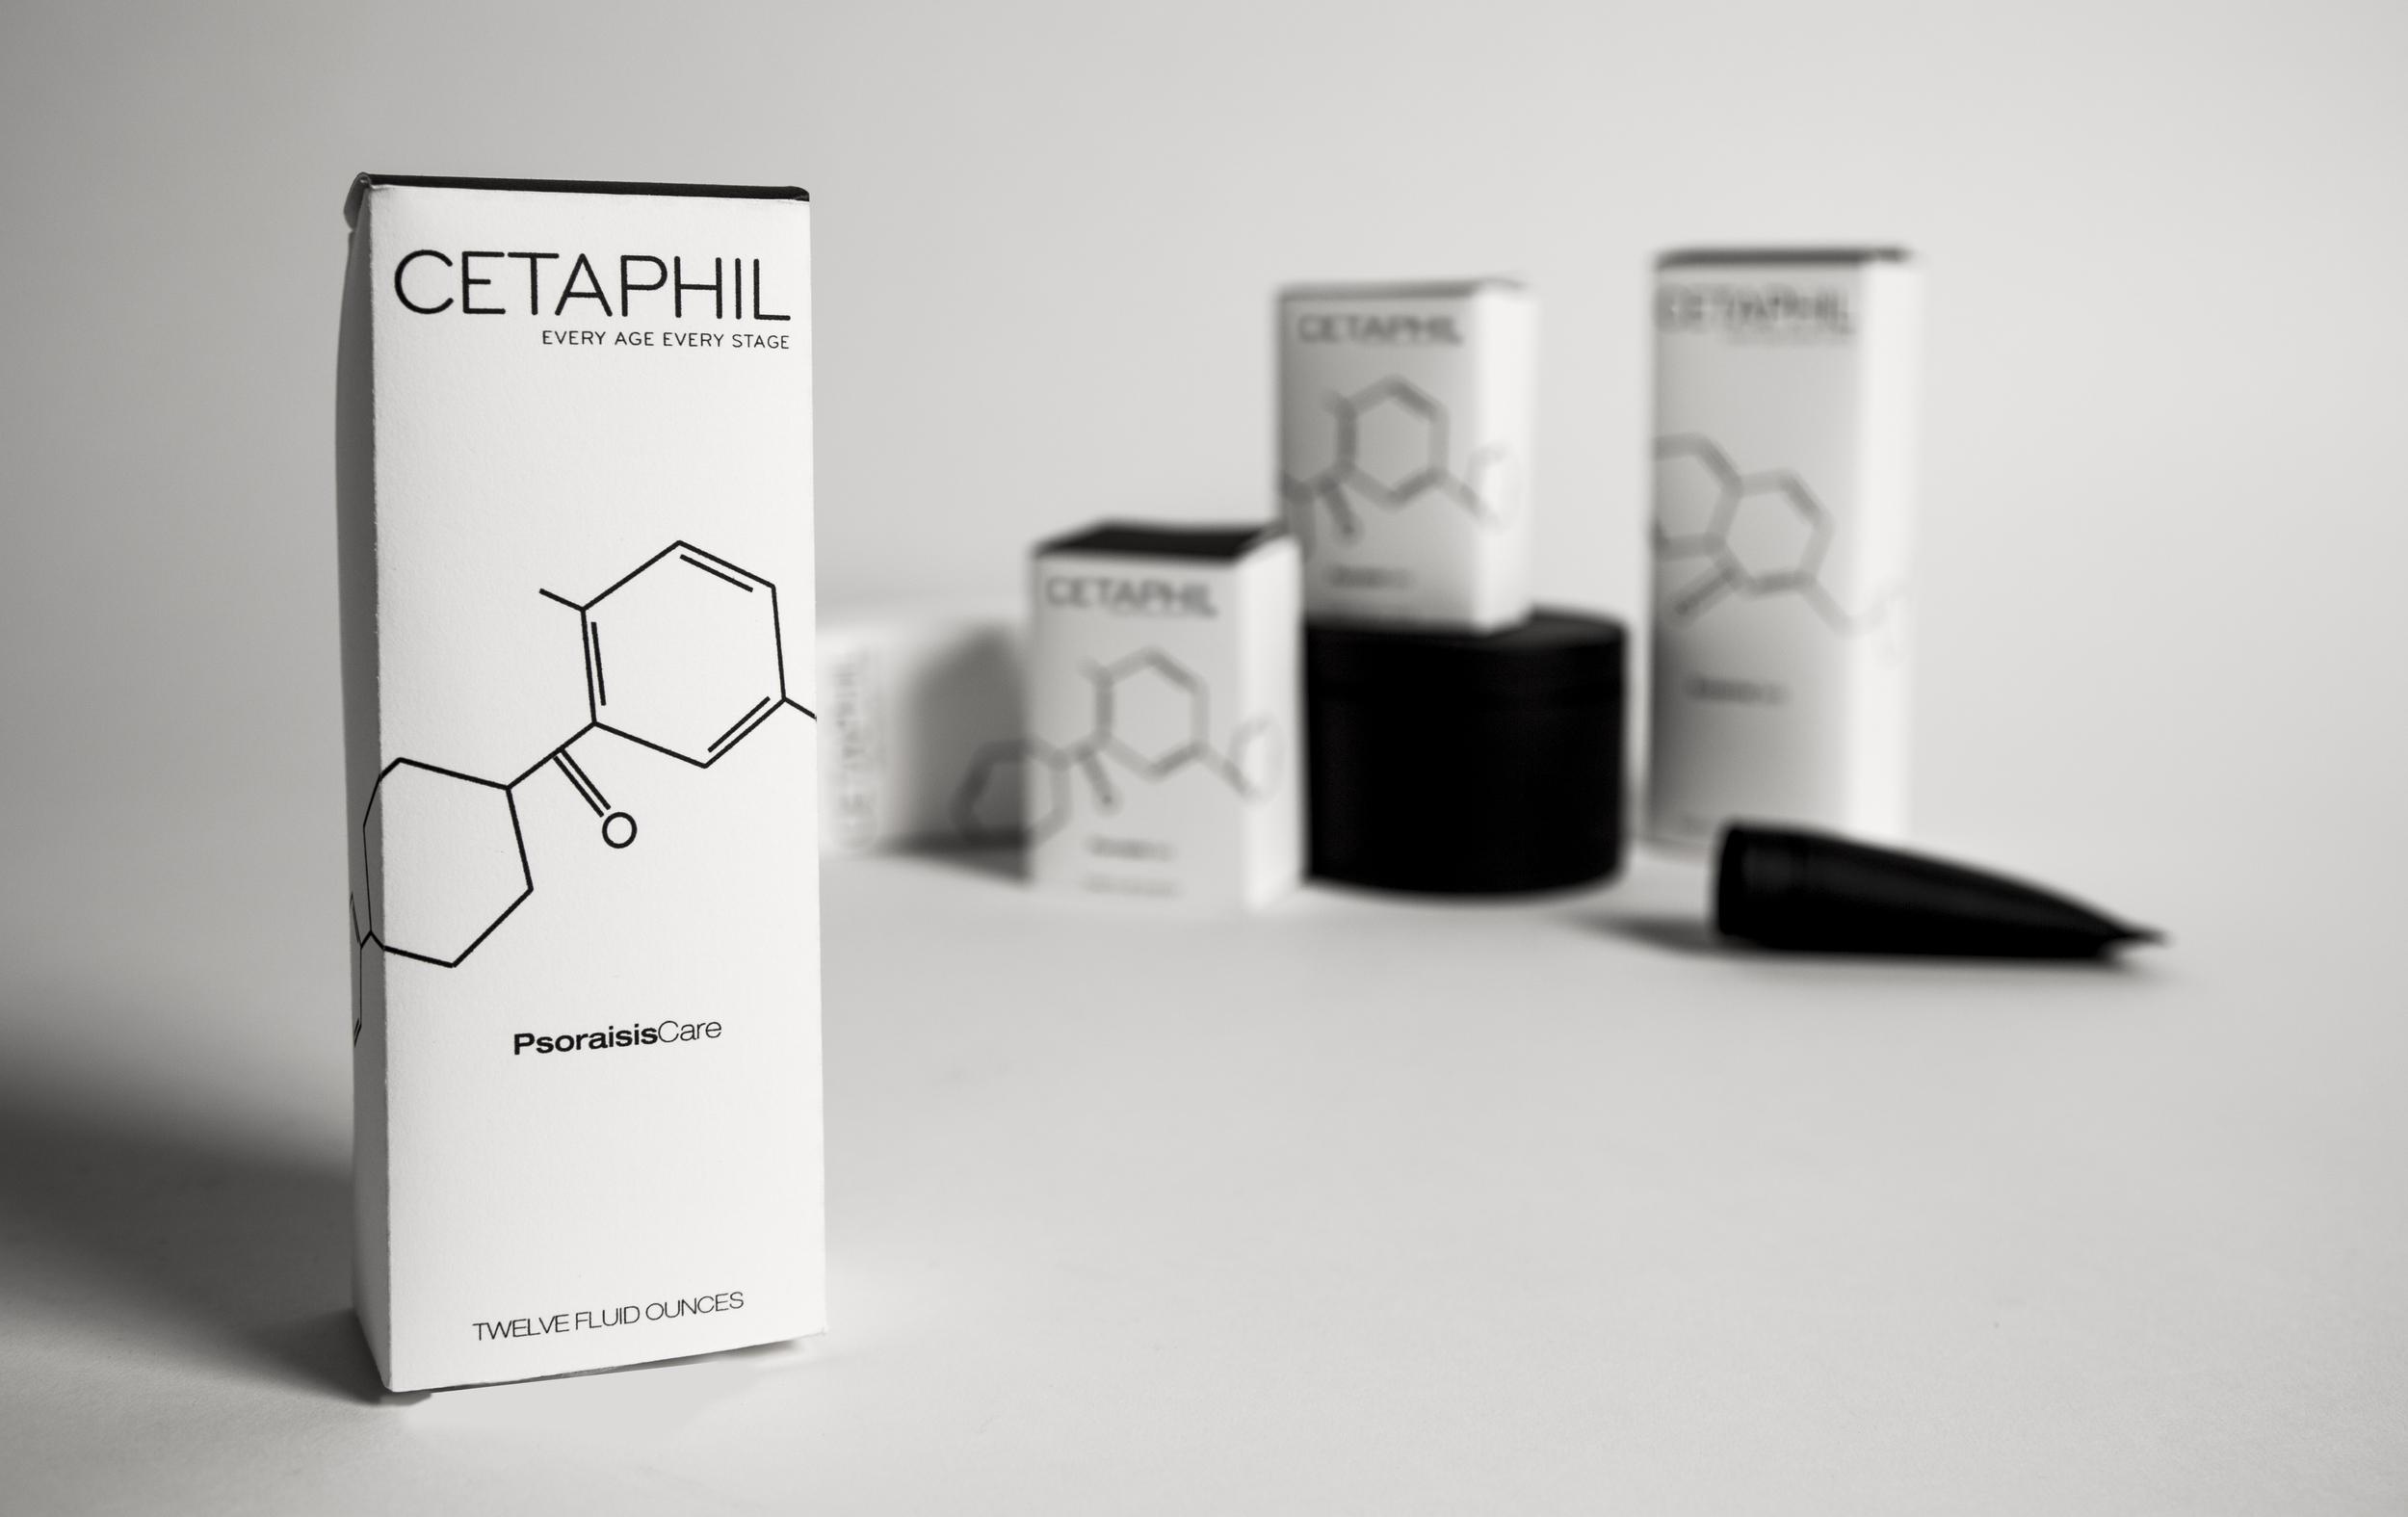 cetaphil1-1.jpg